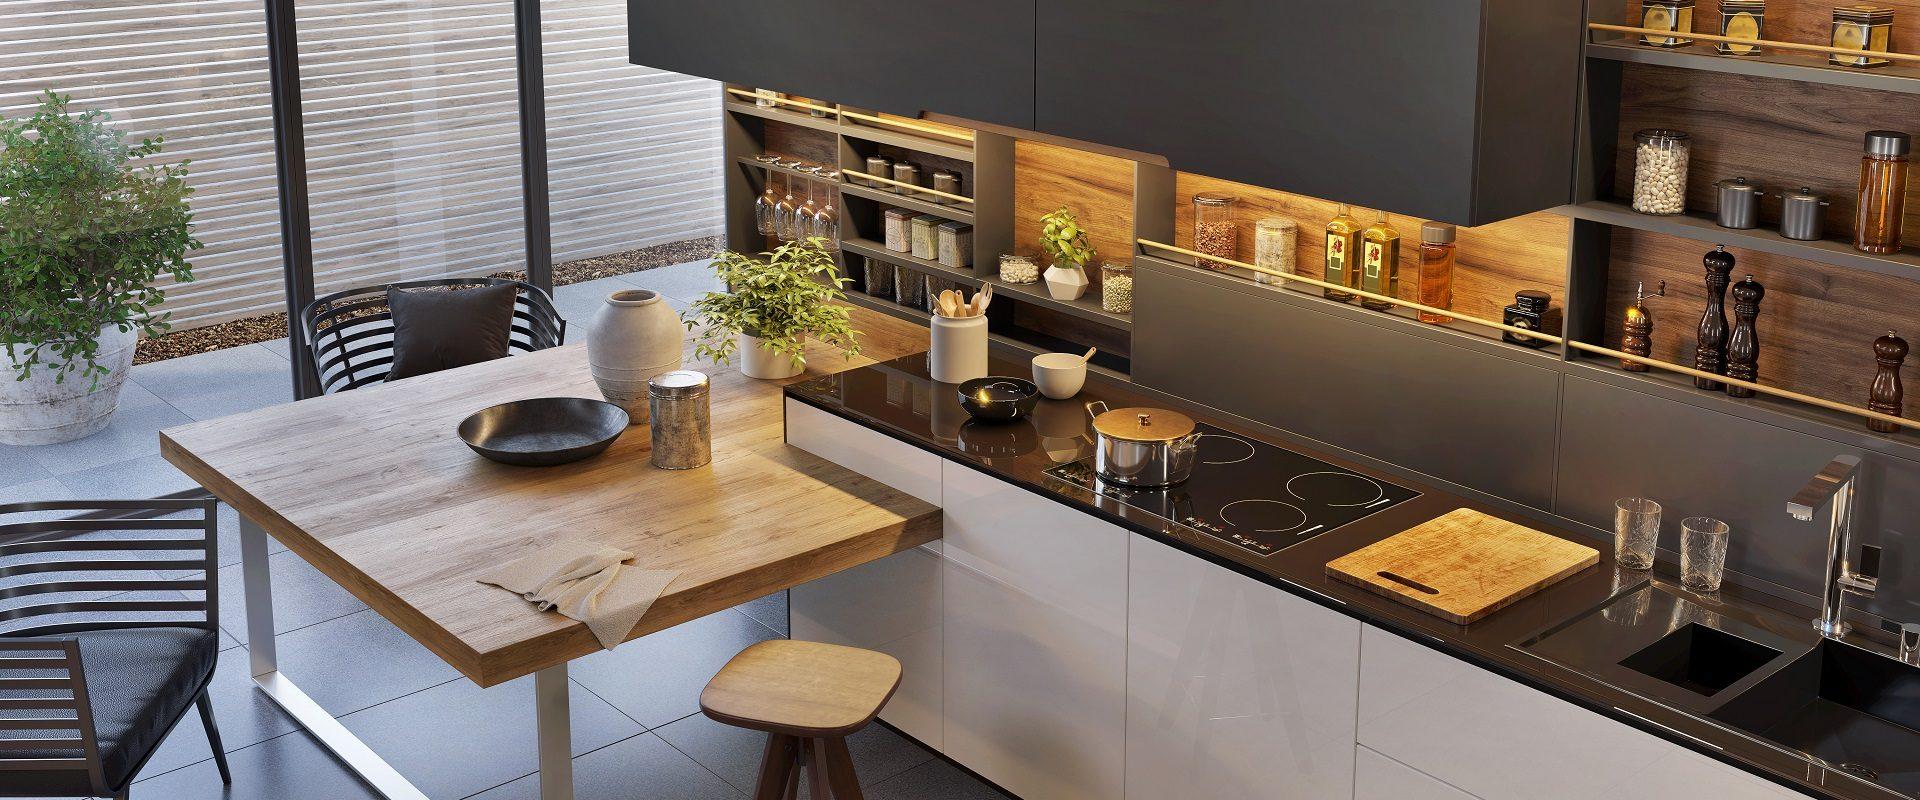 Modern luxury kitchen interior design